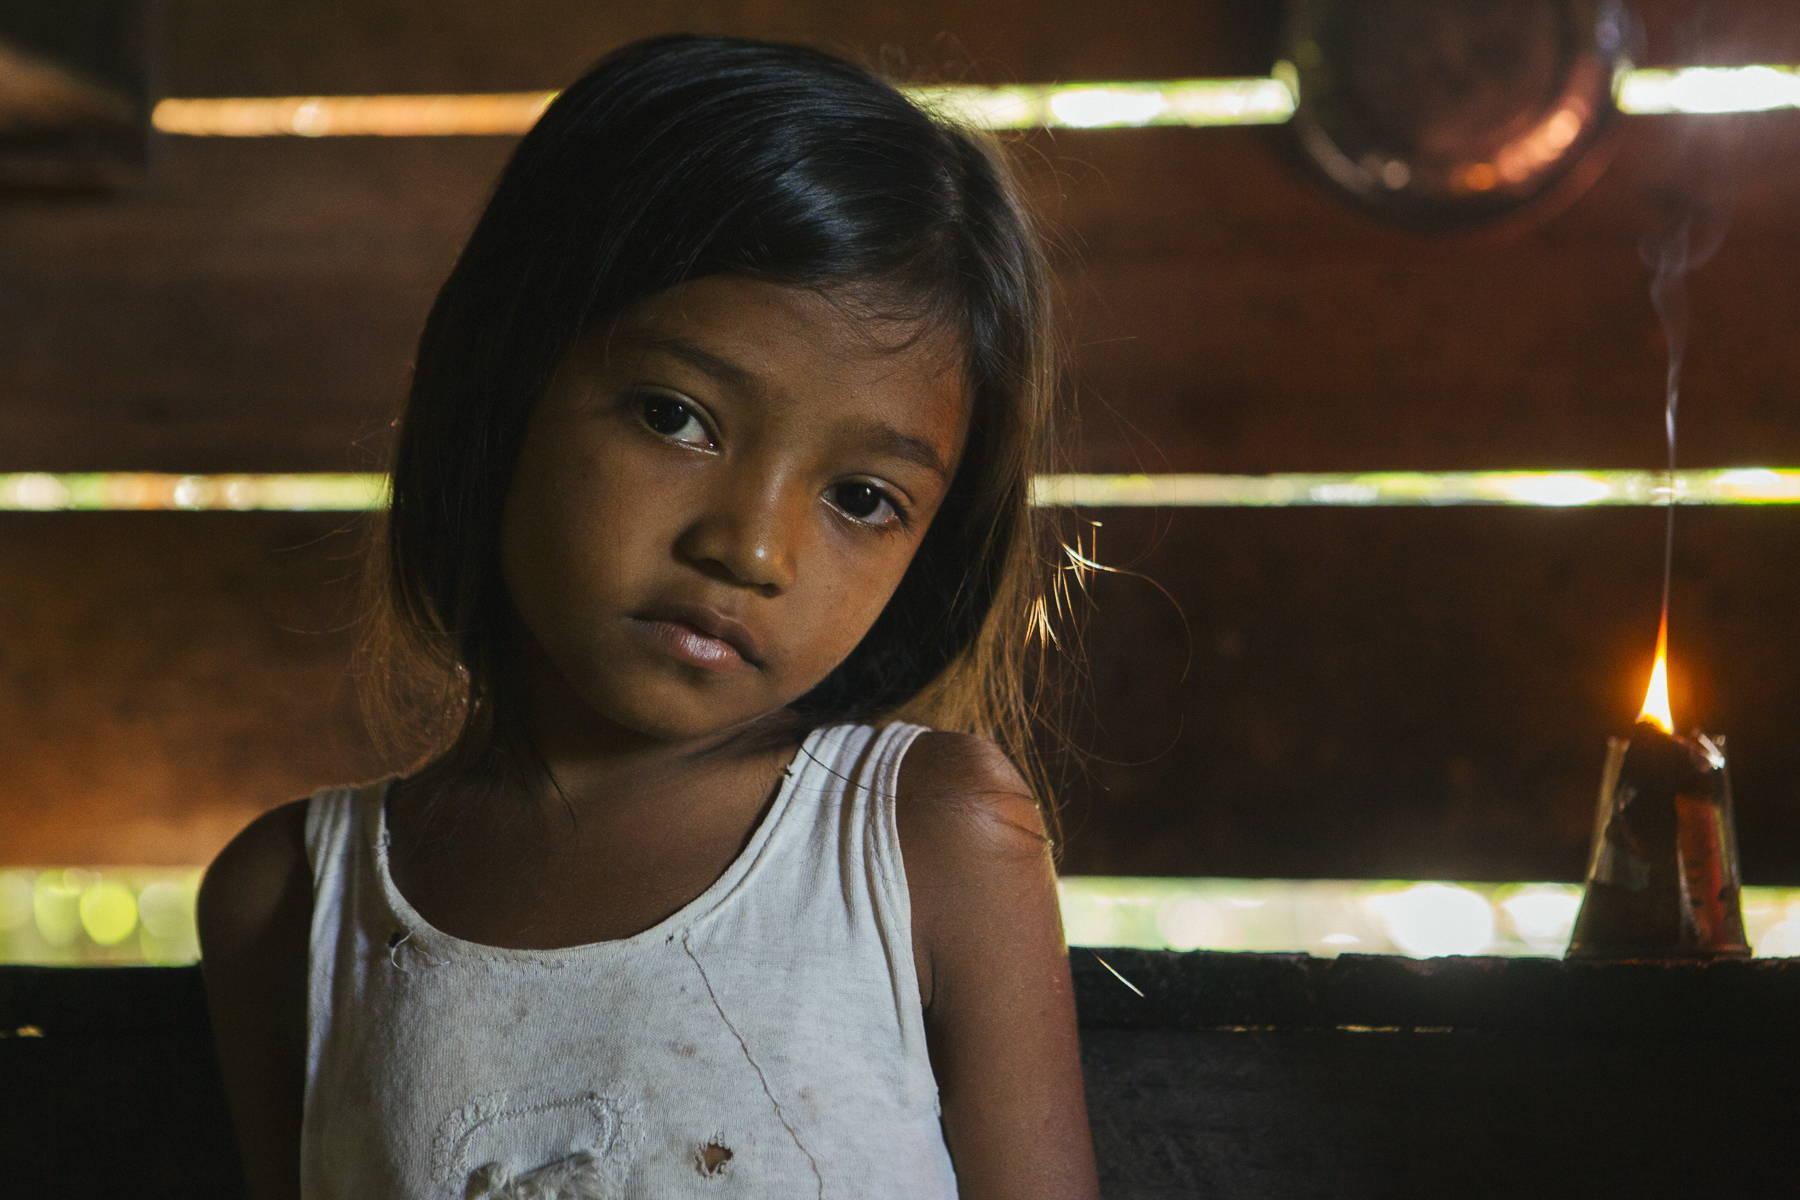 Esta pequeña vive en una zona rural del Amazonas, dónde su familia se veía obligada a la quema de queroseno para tener luz hasta la llegada de Light For Humanity.